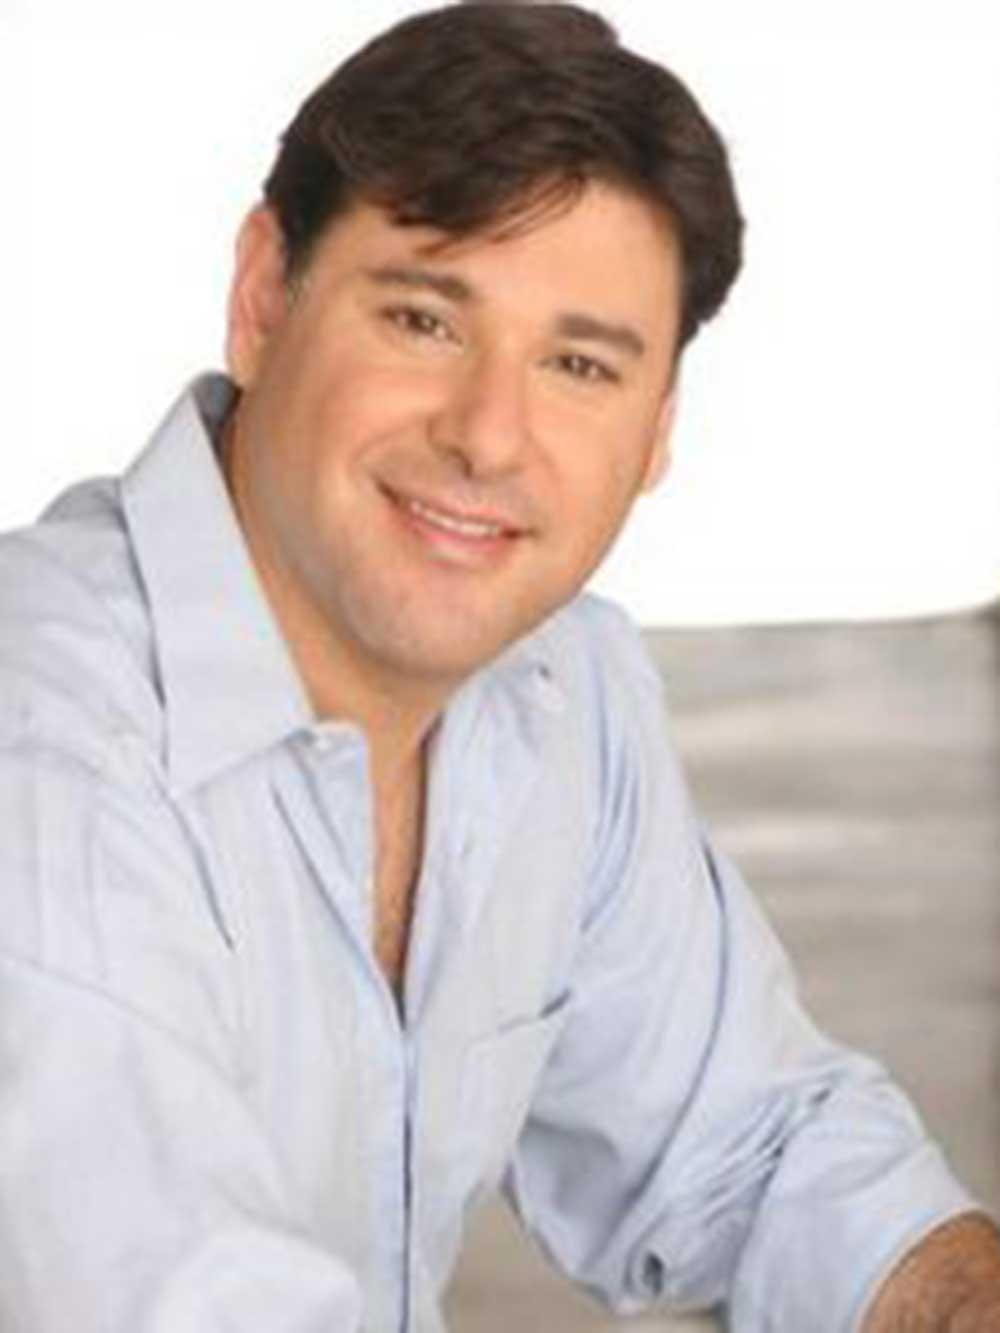 Reuben Pacheco